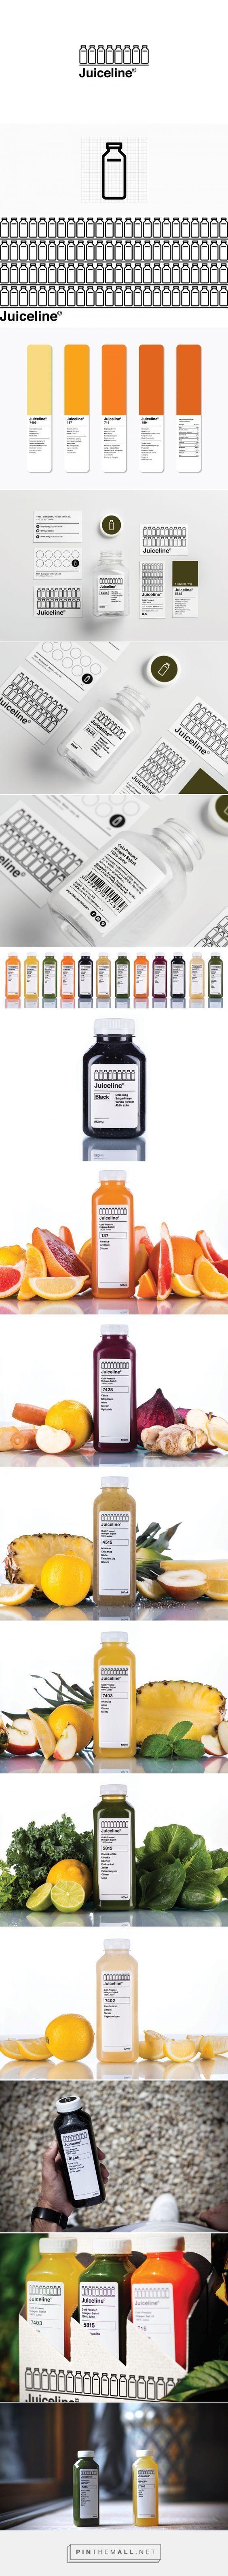 Juiceline packaging design by Kissmiklos (Hungary)…: